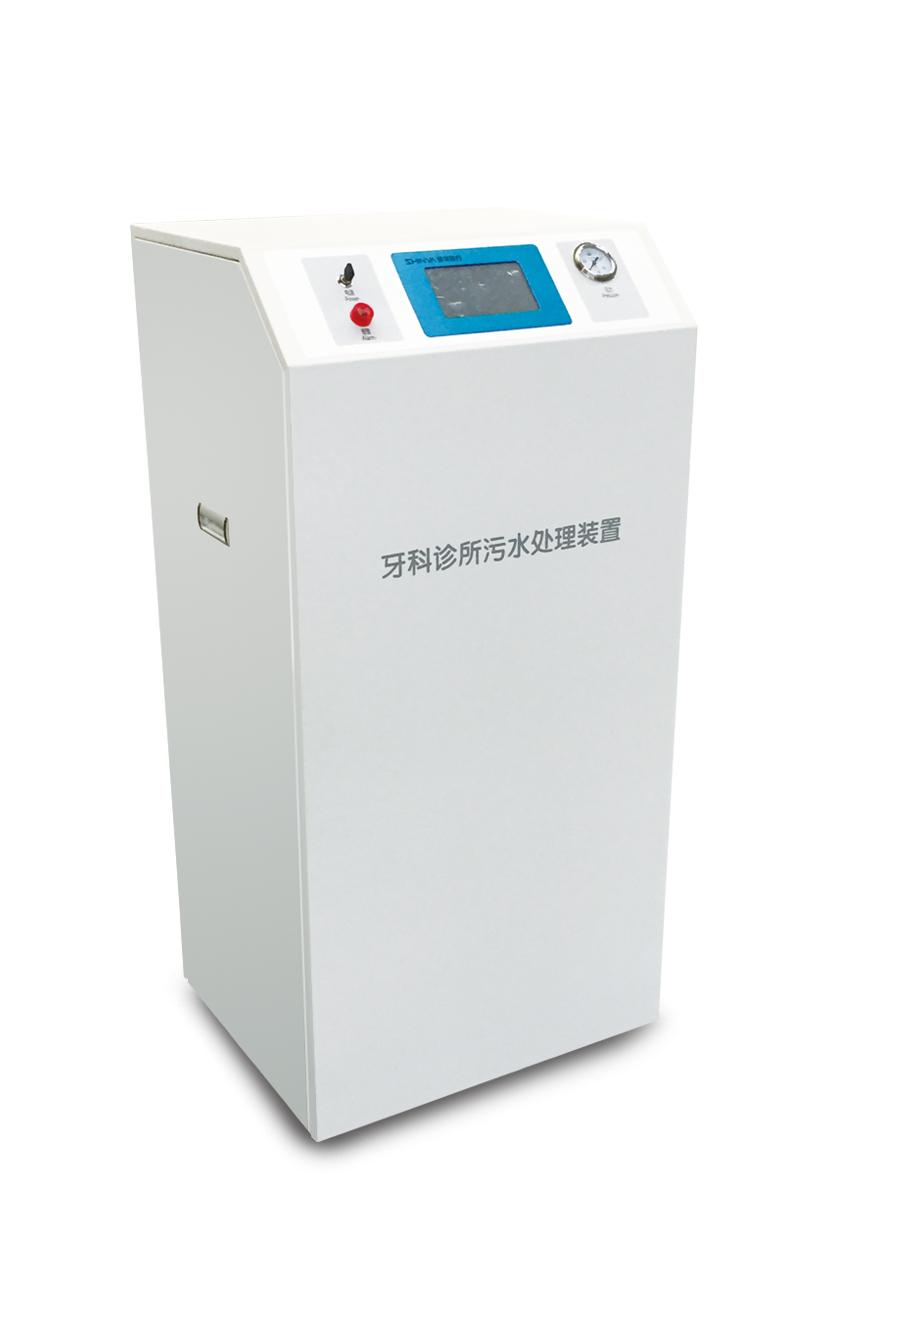 牙科诊所污水处理装置